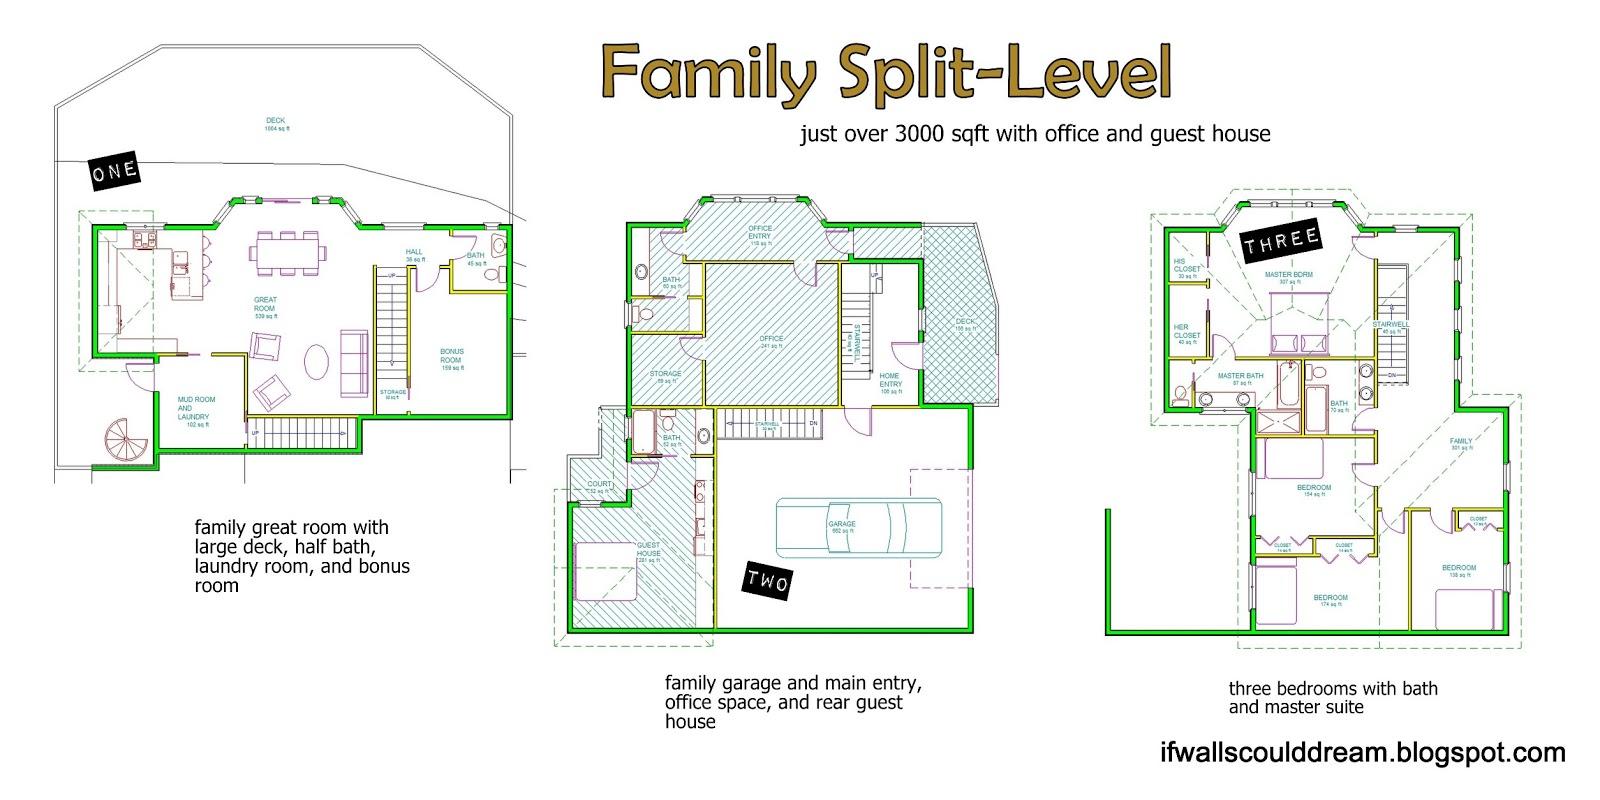 Family Split-Level